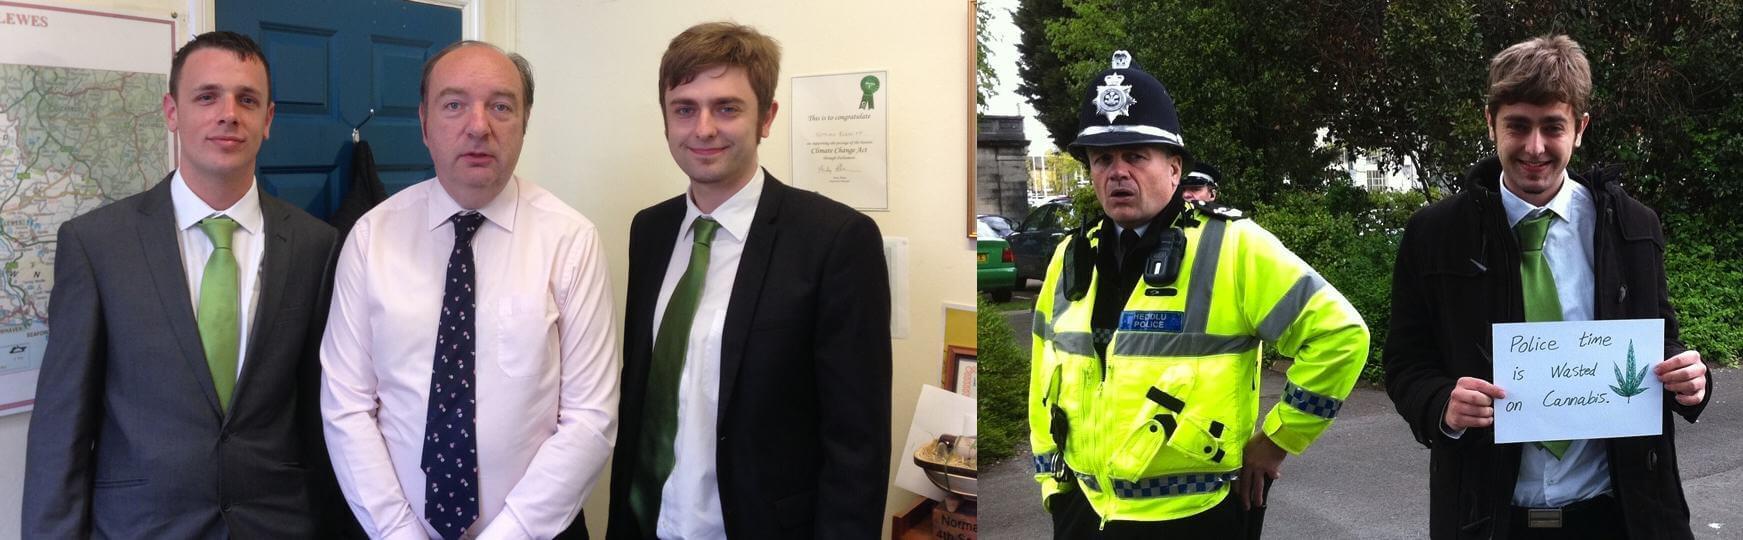 Le Ministre Norman Baker souhaite légaliser le cannabis thérapeutique au Royaume-Uni.